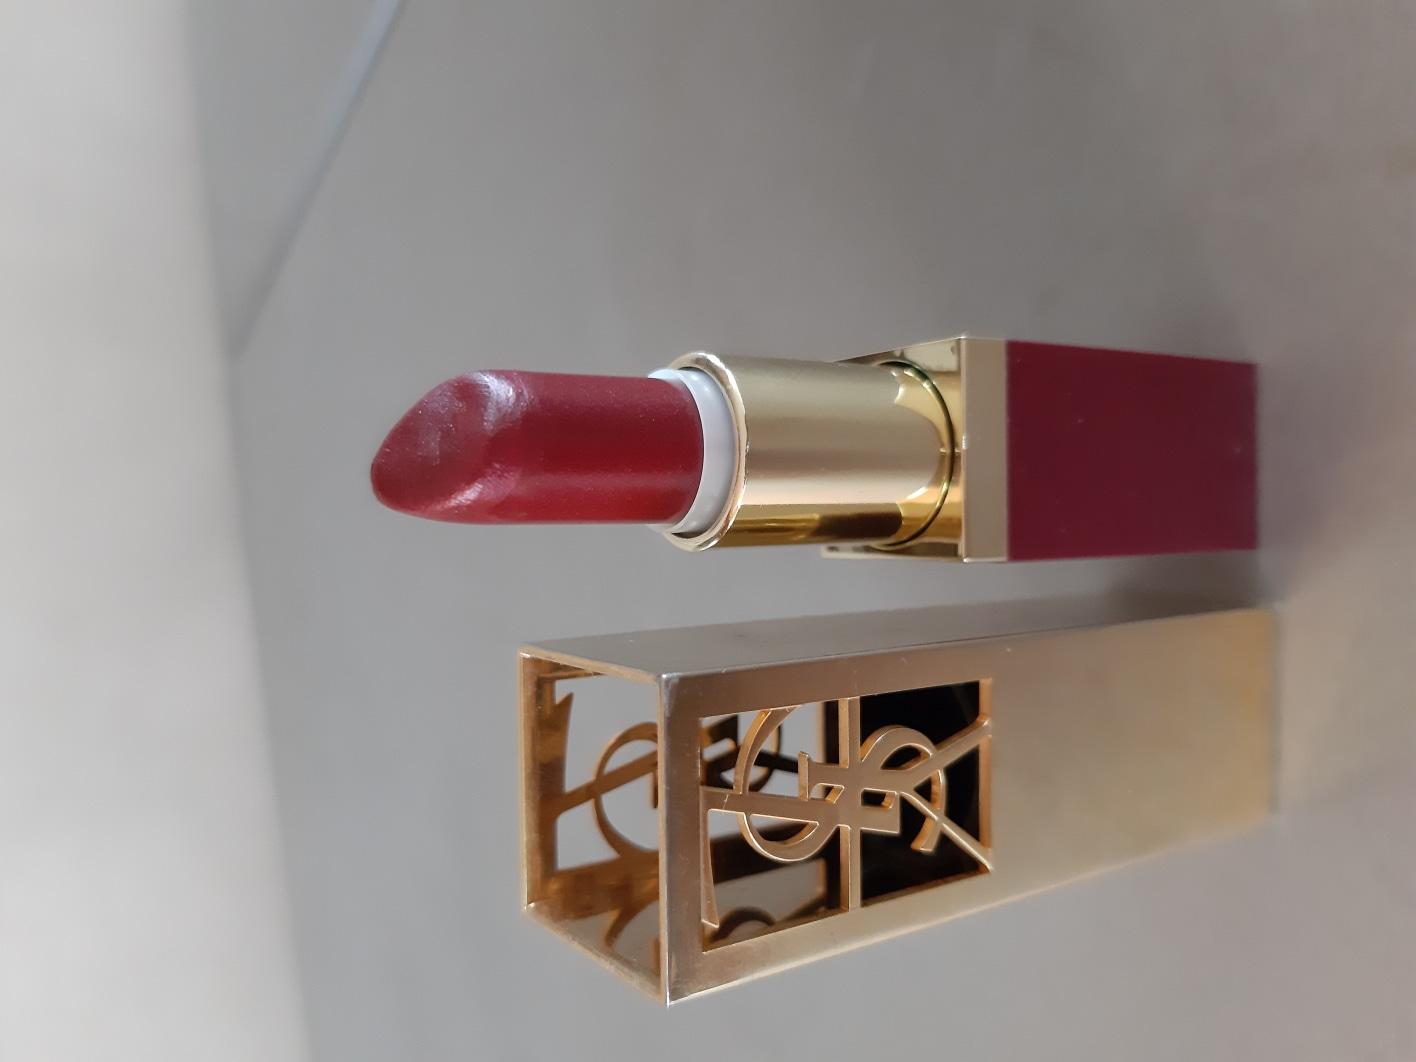 입생로랑 립스틱